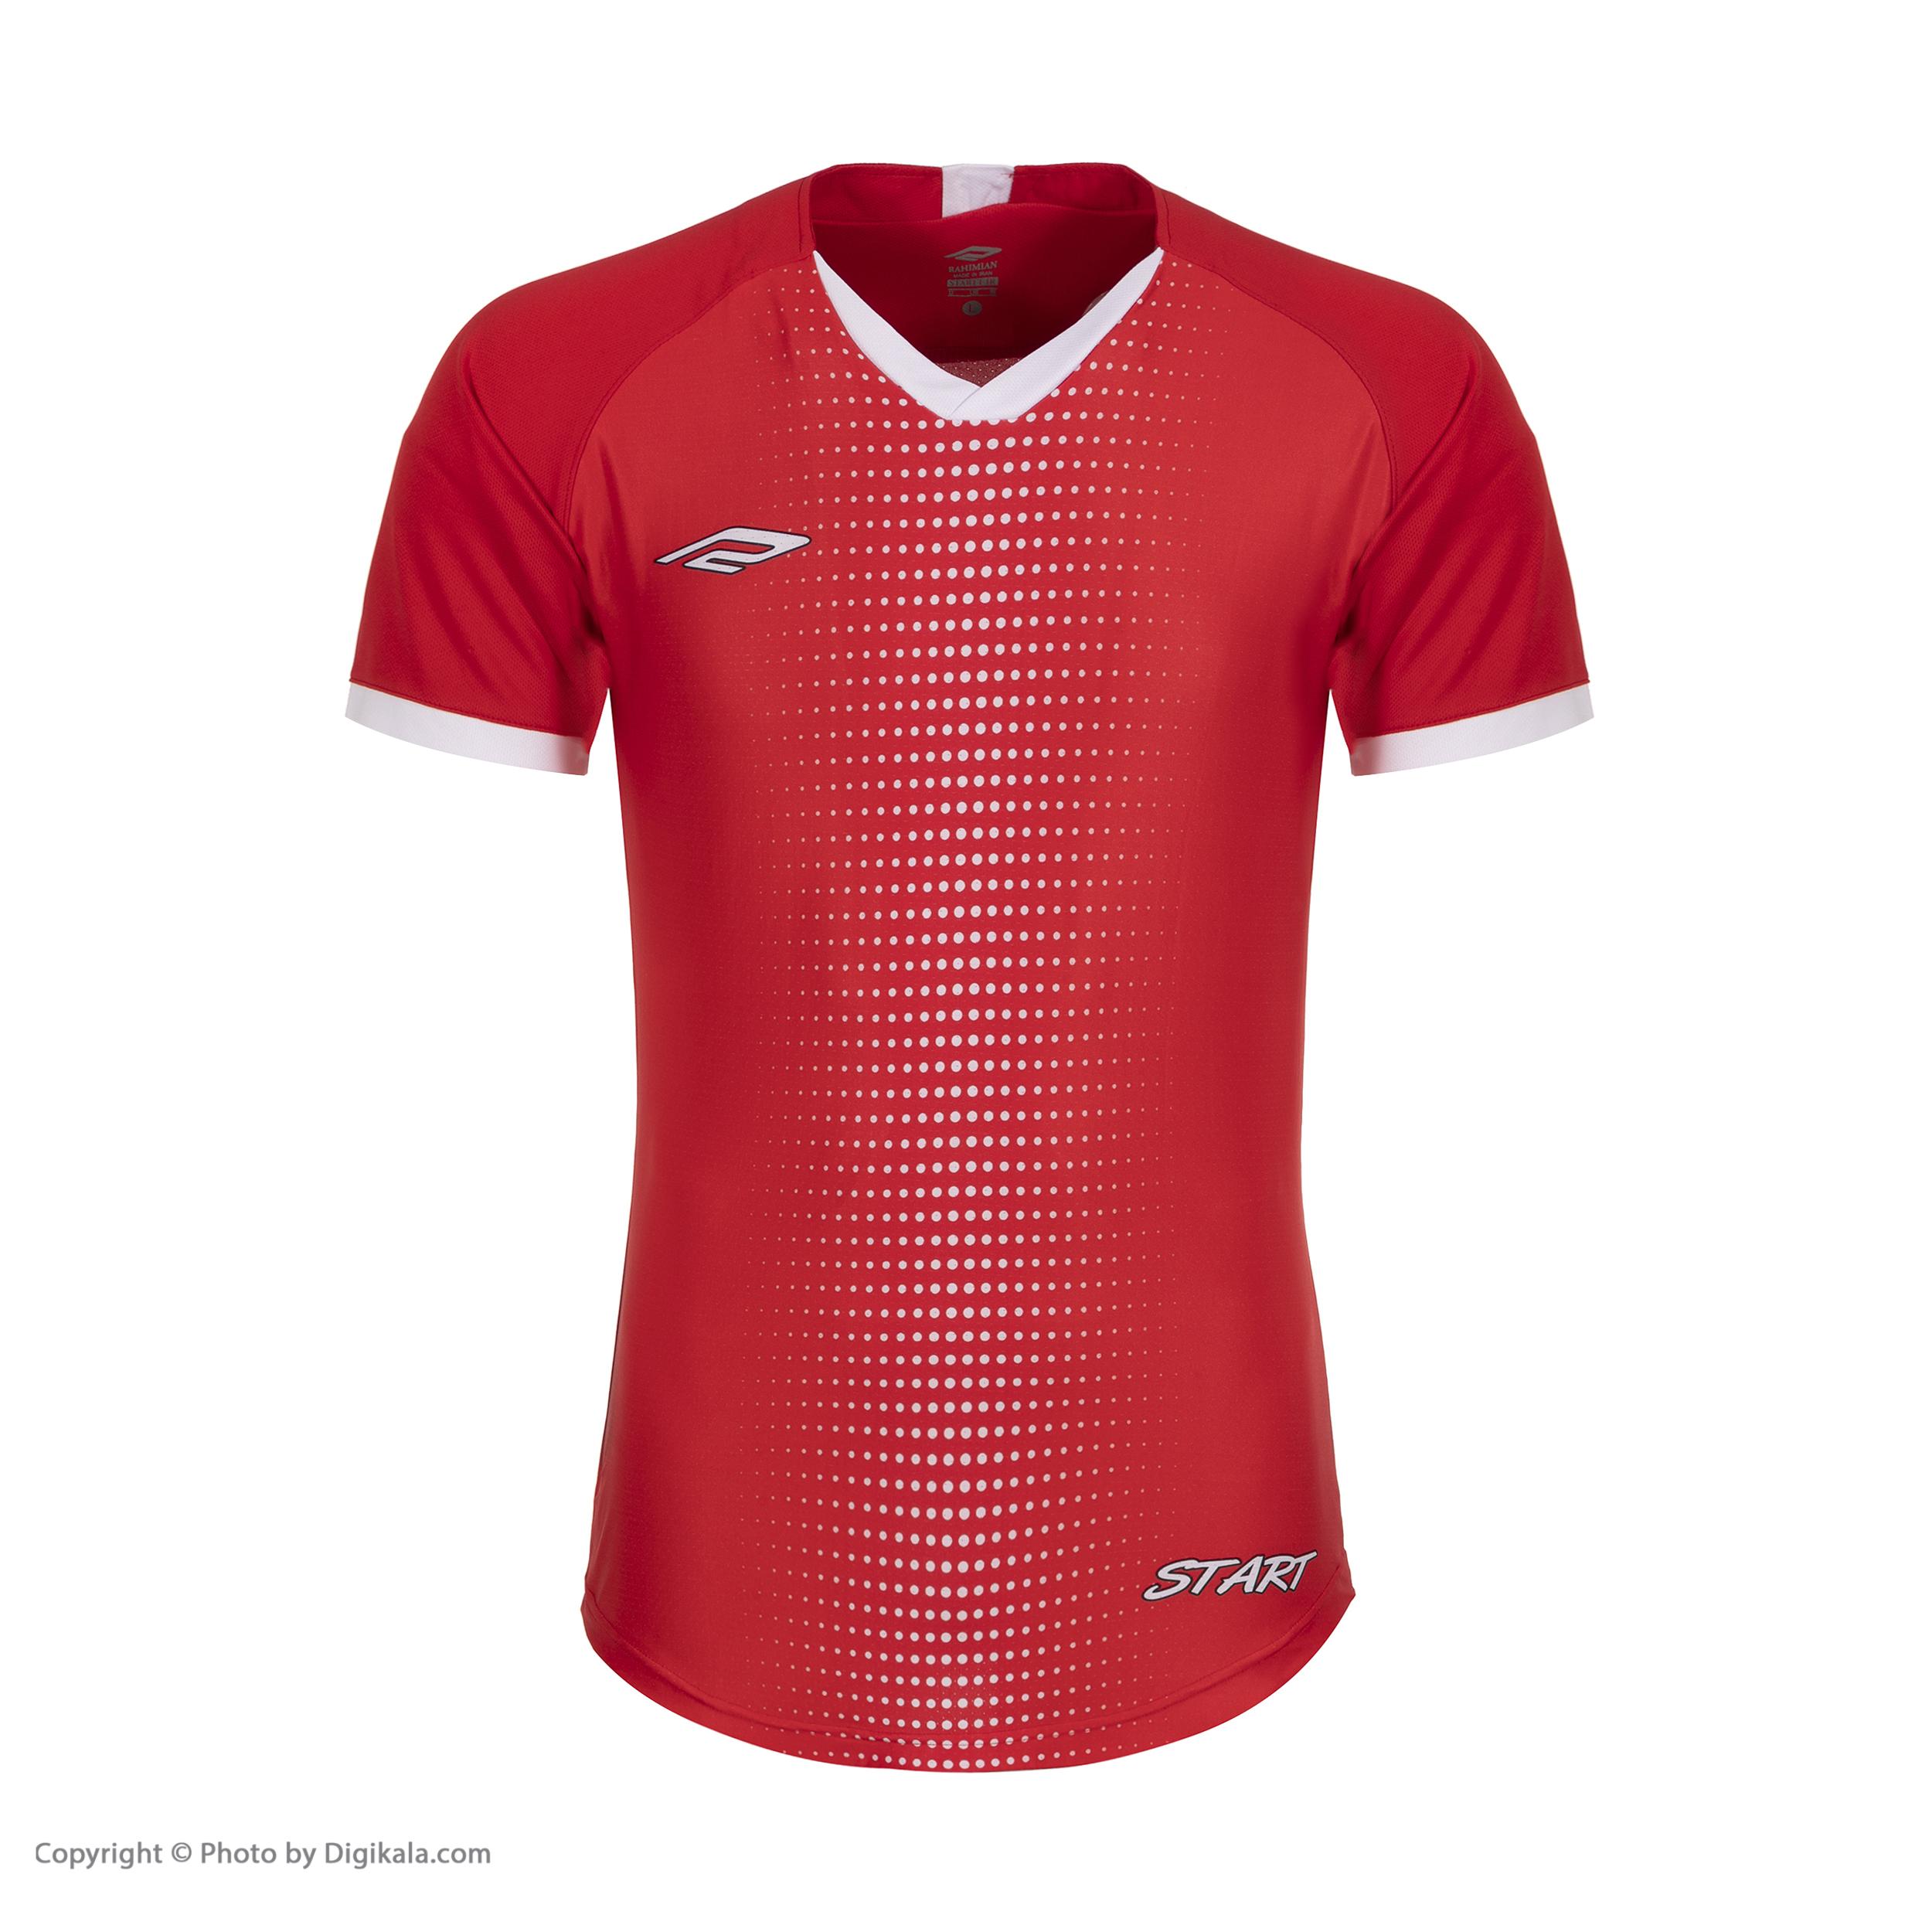 ست پیراهن و شورت ورزشی مردانه استارت مدل FC1003-7